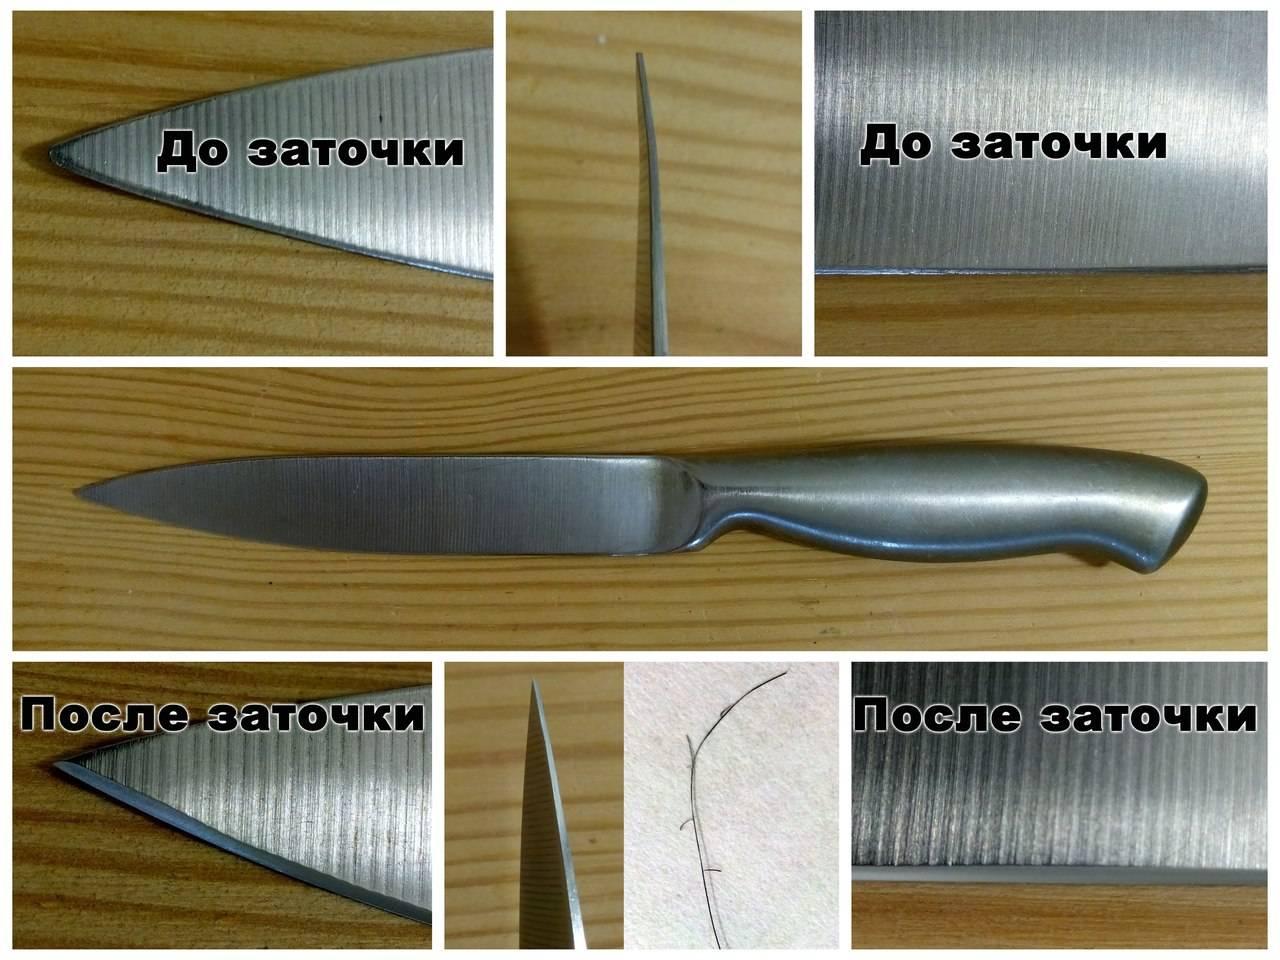 Как выбрать охотничий нож: на что обращать внимание в первую очередь